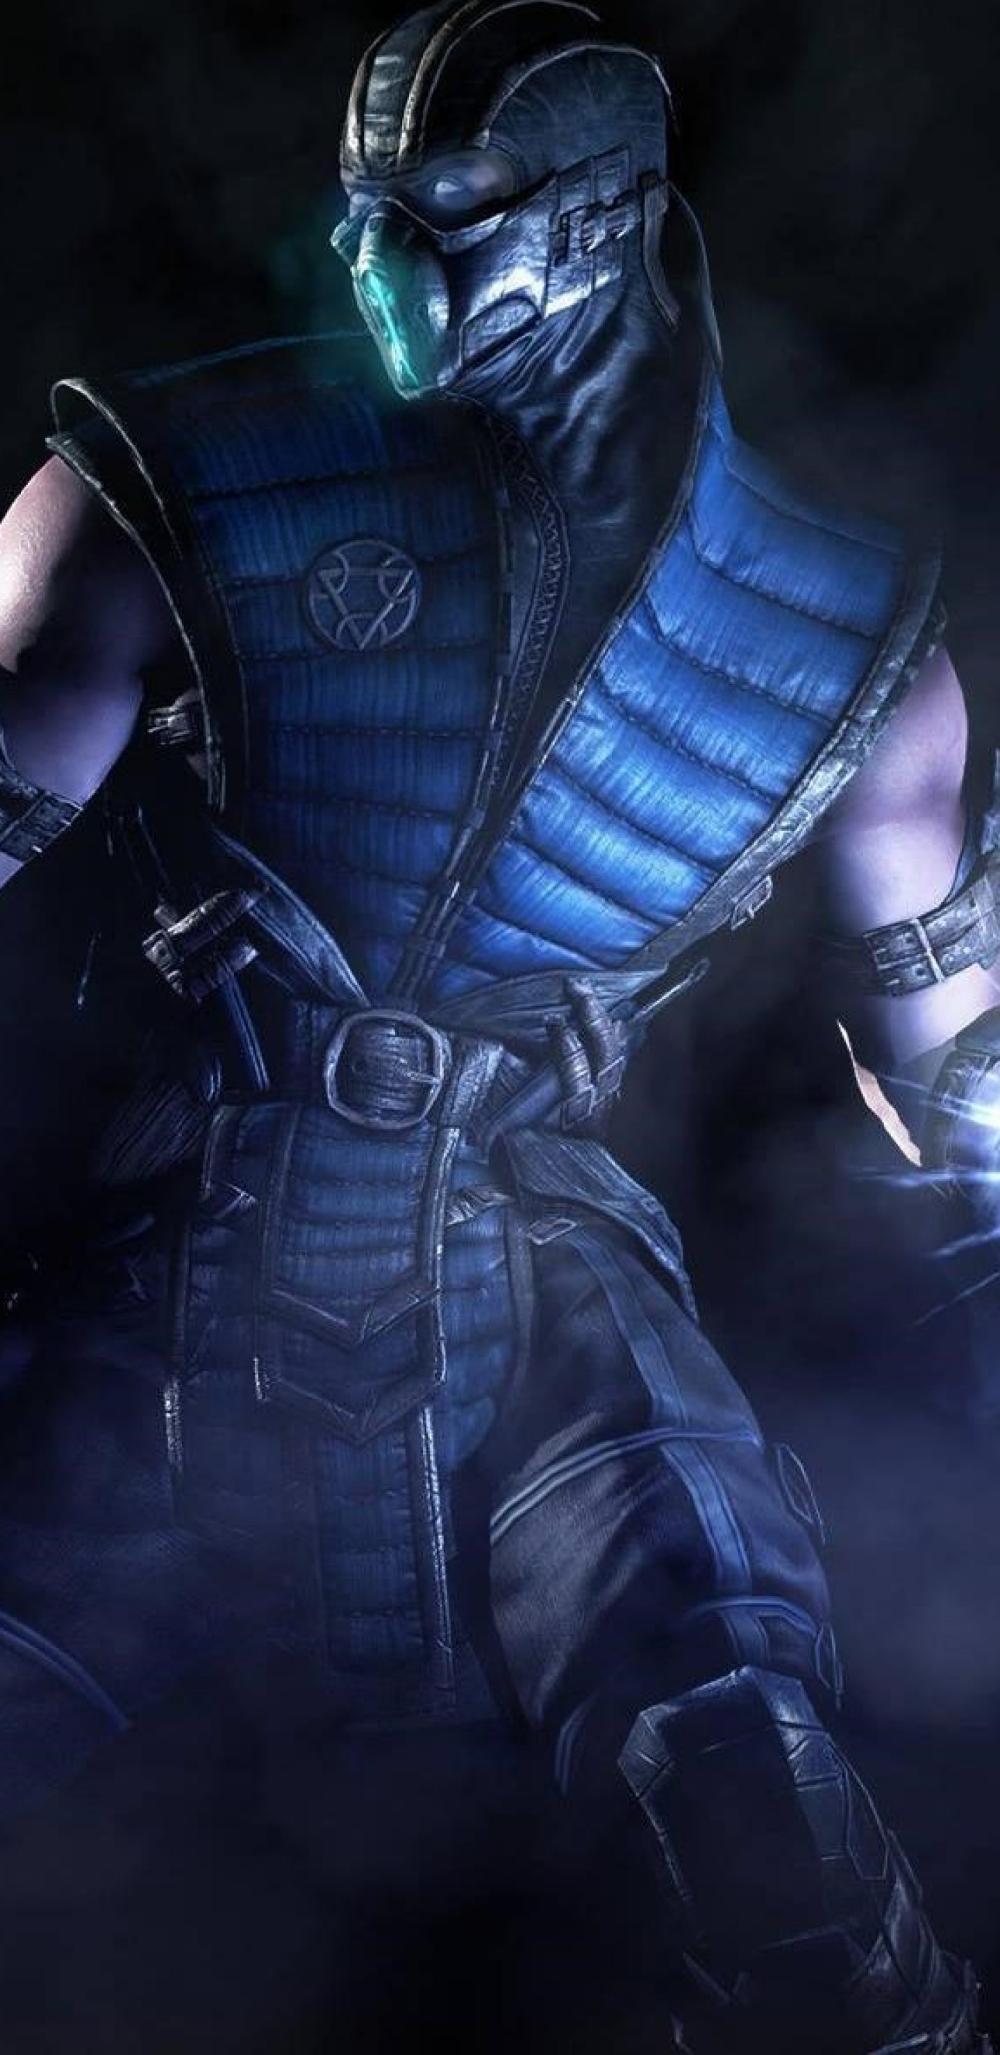 Sub Zero In Mortal Kombat Sub Zero Mortal Kombat Mortal Kombat X Wallpapers Scorpion Mortal Kombat